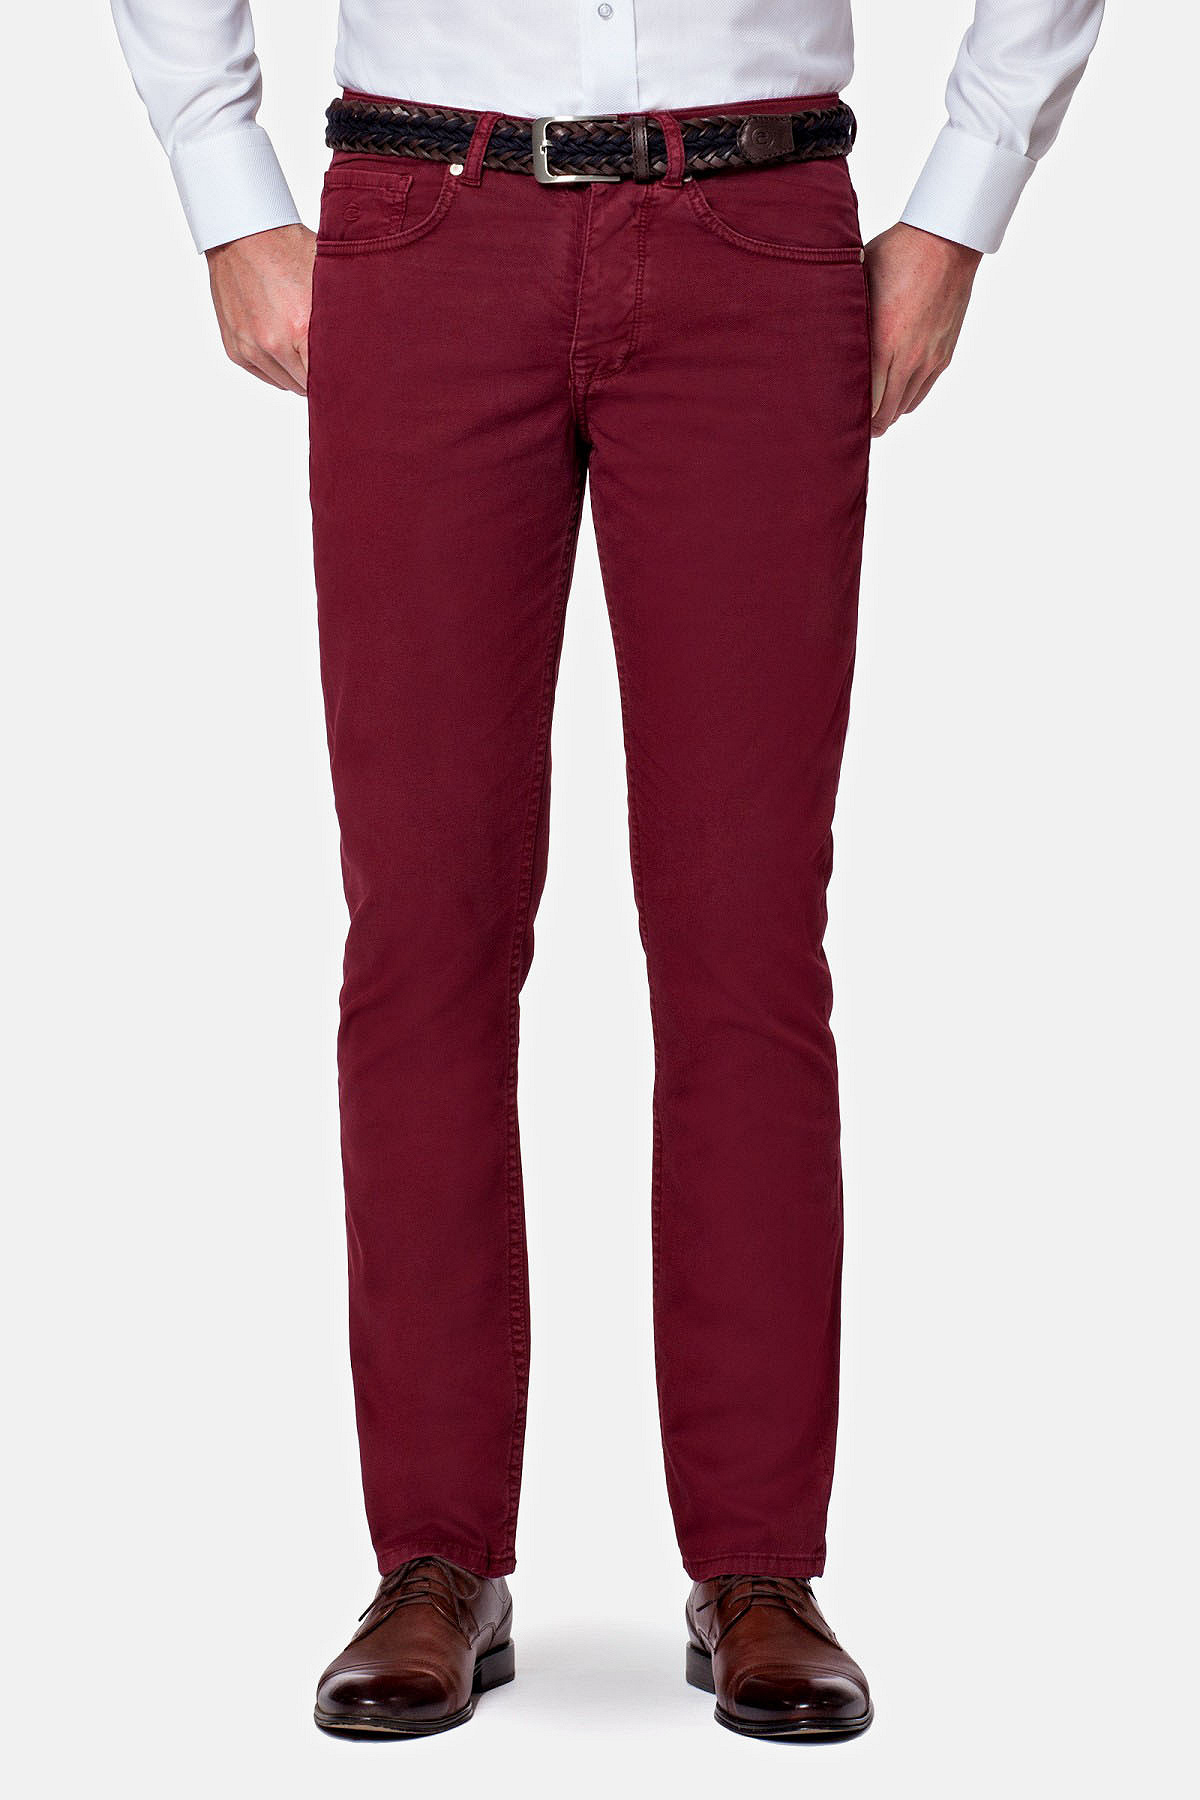 Spodnie Bordowe Femes rozmiar W31/L34; W32/L34; W33/L34; W35/L34